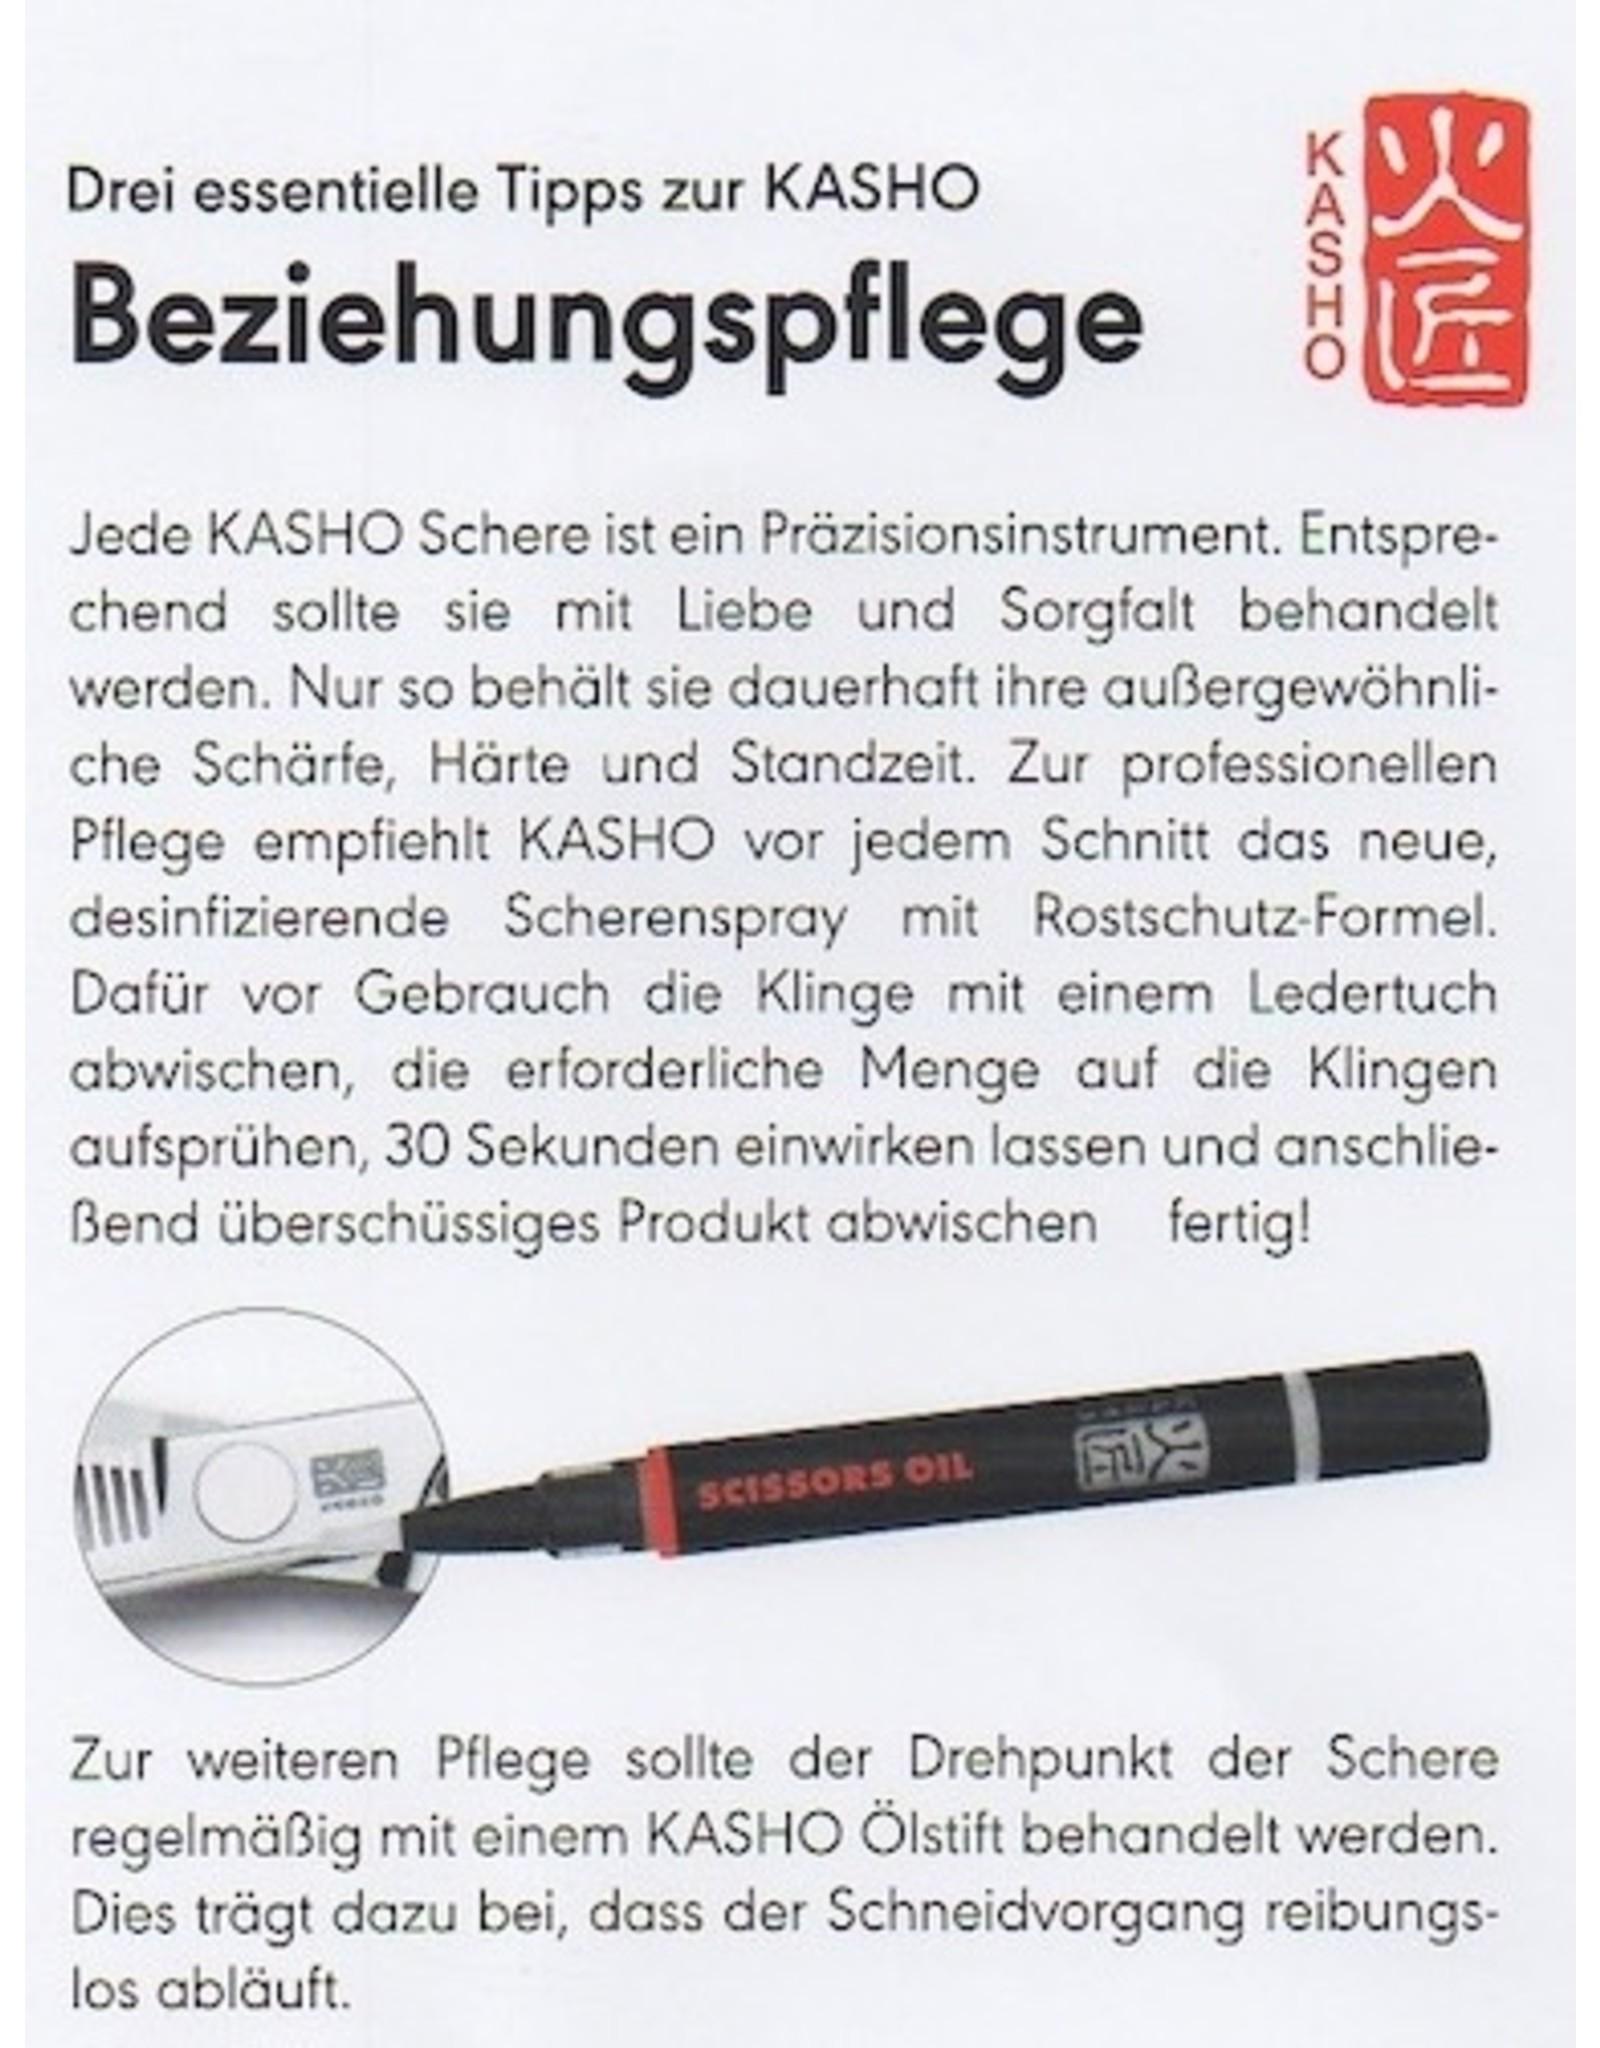 Kasho Made in Japan Kasho K-Oil Ölstift